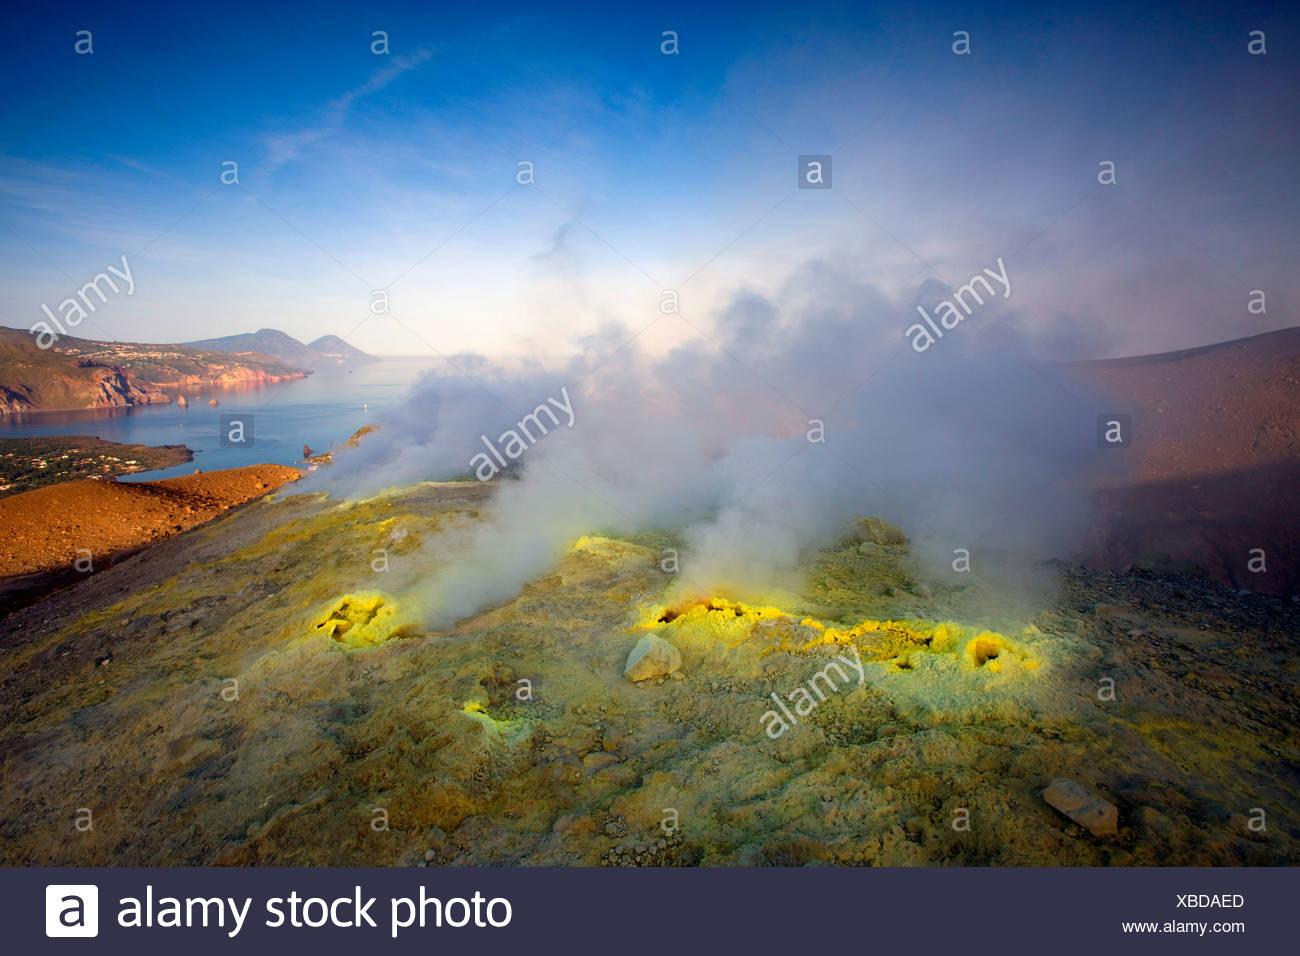 Vulcano, Italia, Europa, isole Lipari, isola, isola, vulcano Crater, fumarola, zolfo, zolfo, la deposizione a vapore, vapore, mattino Immagini Stock